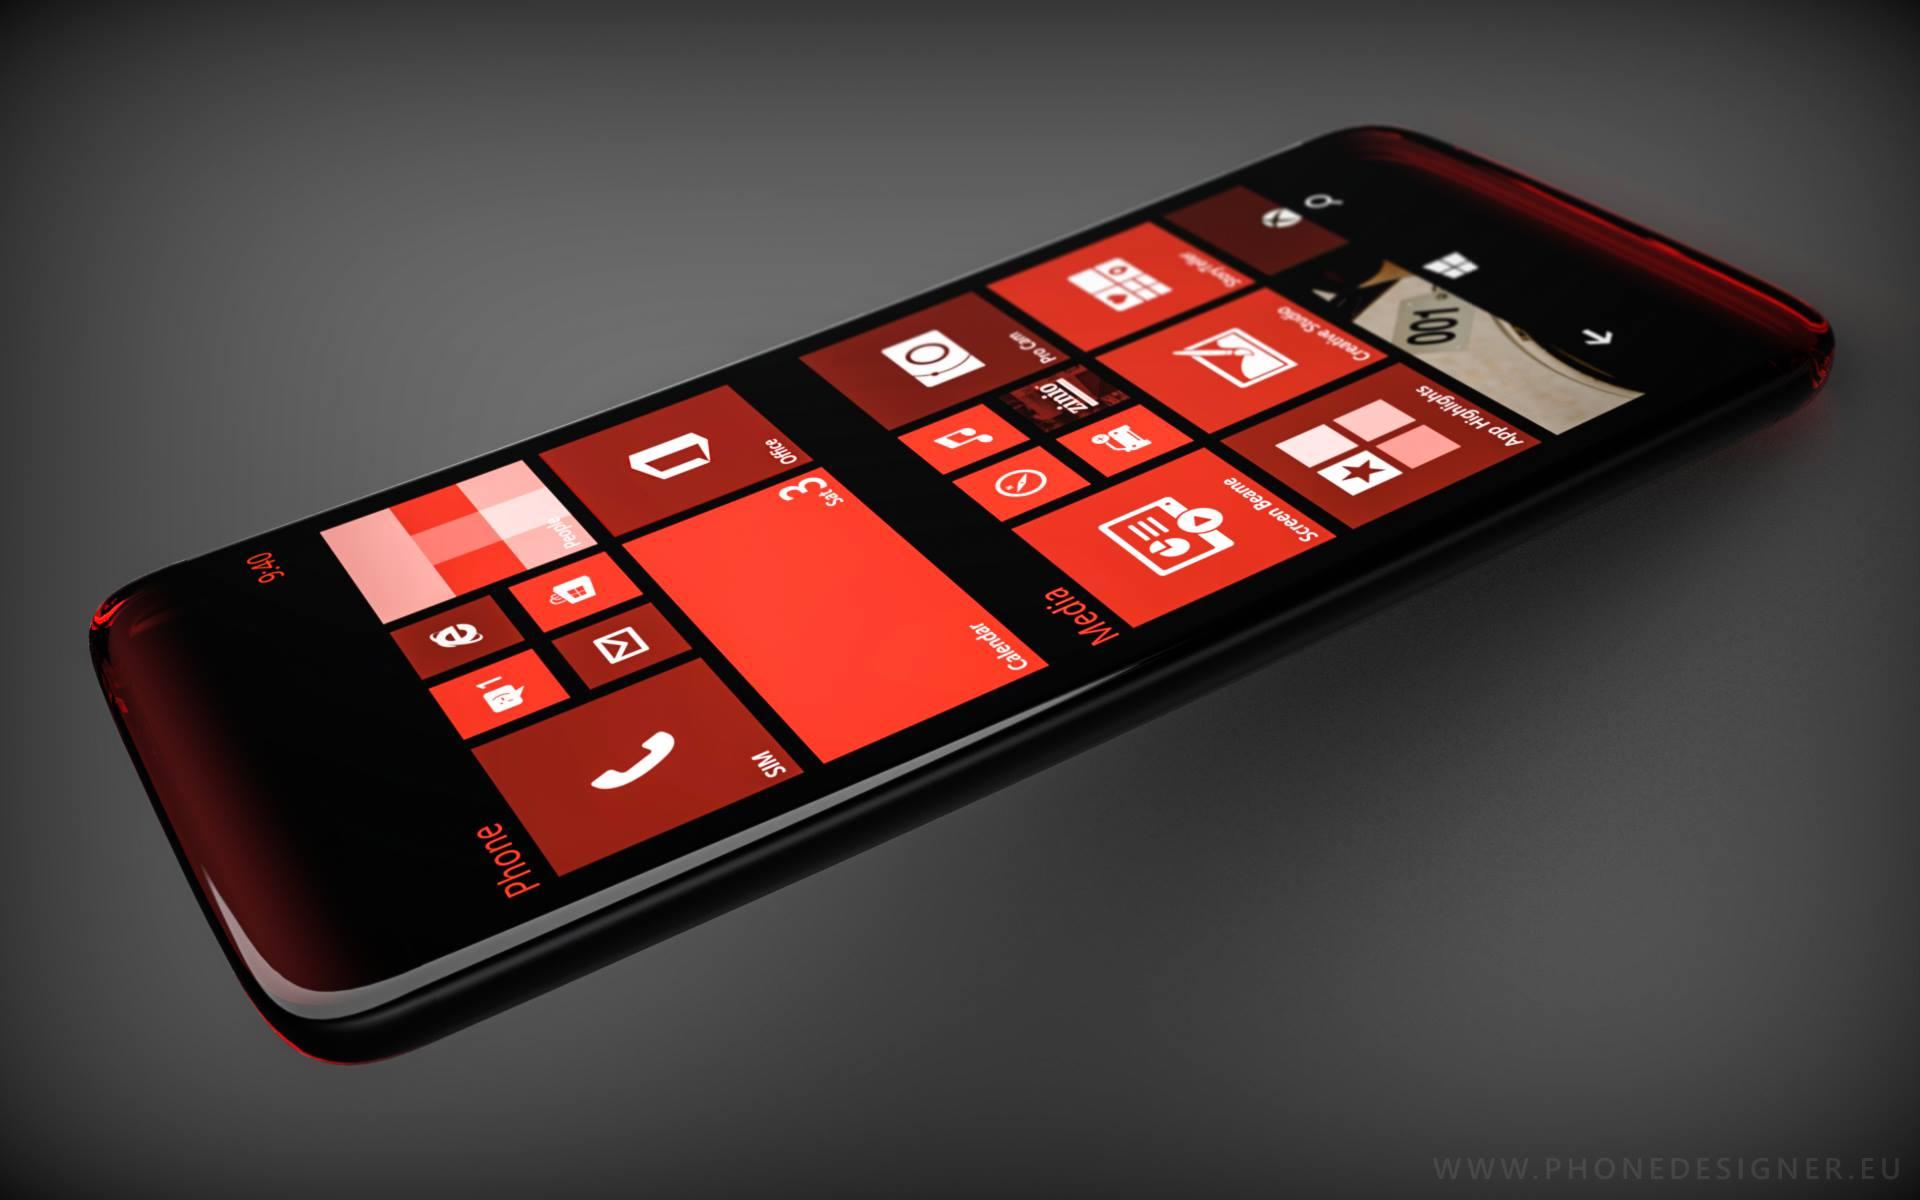 lumia-940-lumia-940-xl-lumia-1030-surface-pro-4-windows-10-for-phones